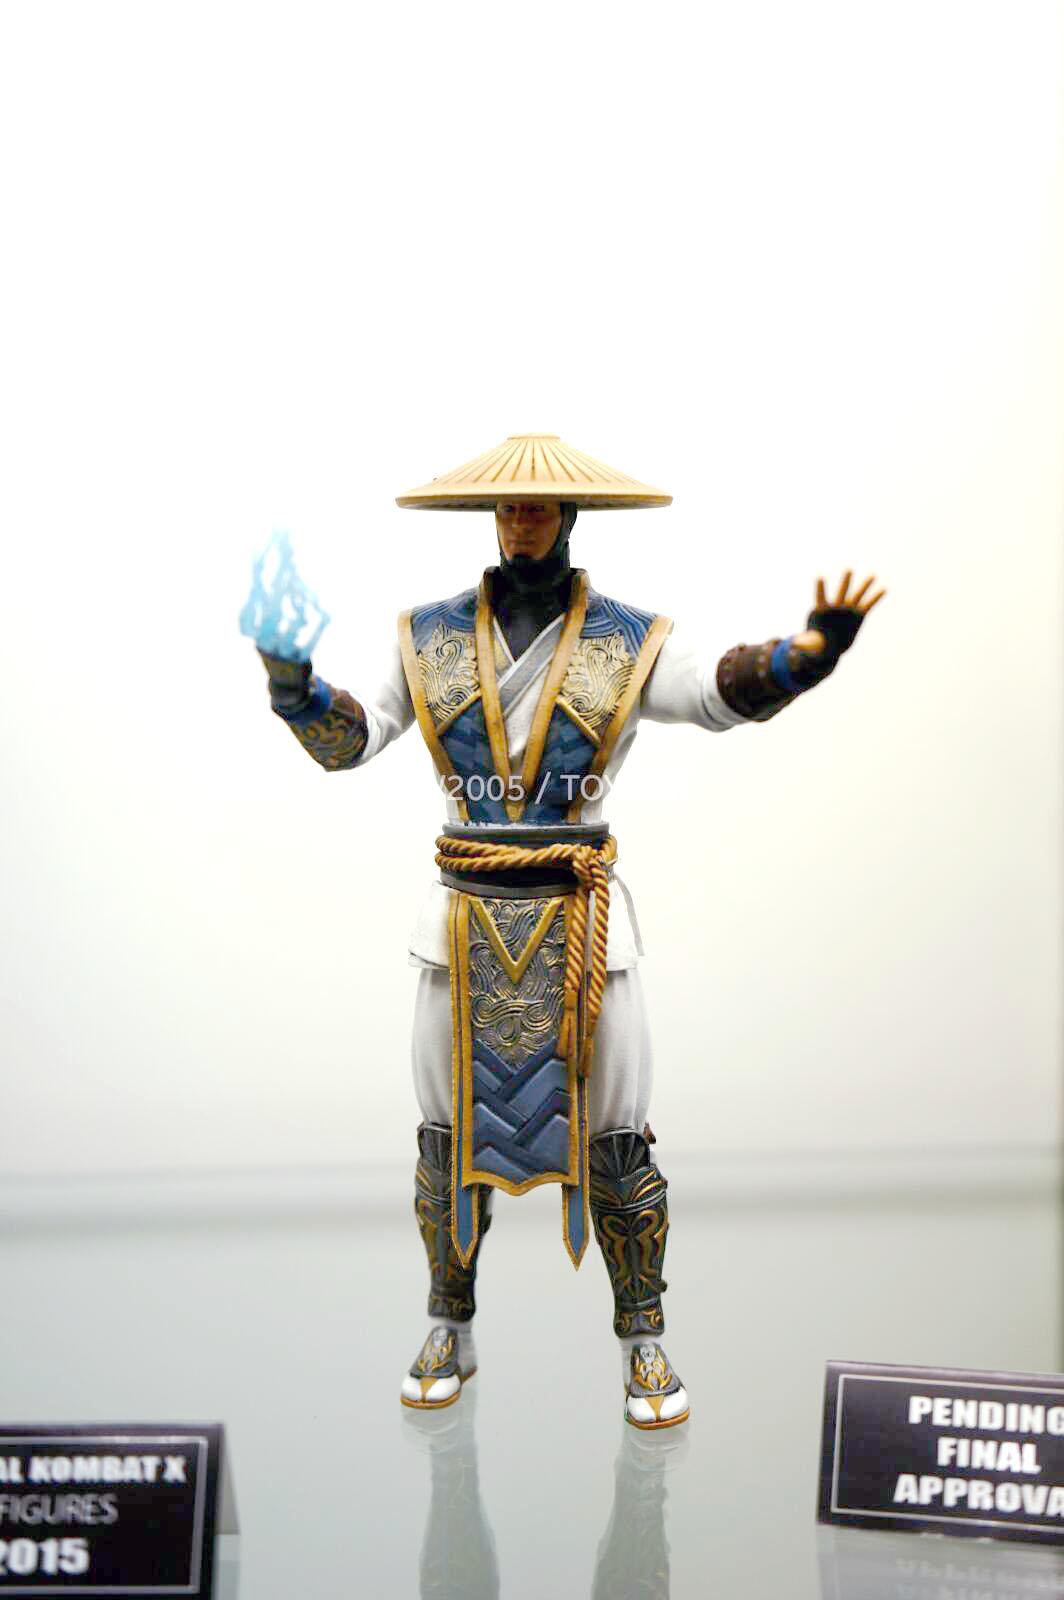 [NYCC 2014] MEZCO - 6-Inch Mortal Kombat X Figures NYCC-2014-Mezco-Mortal-Kombat-X-012